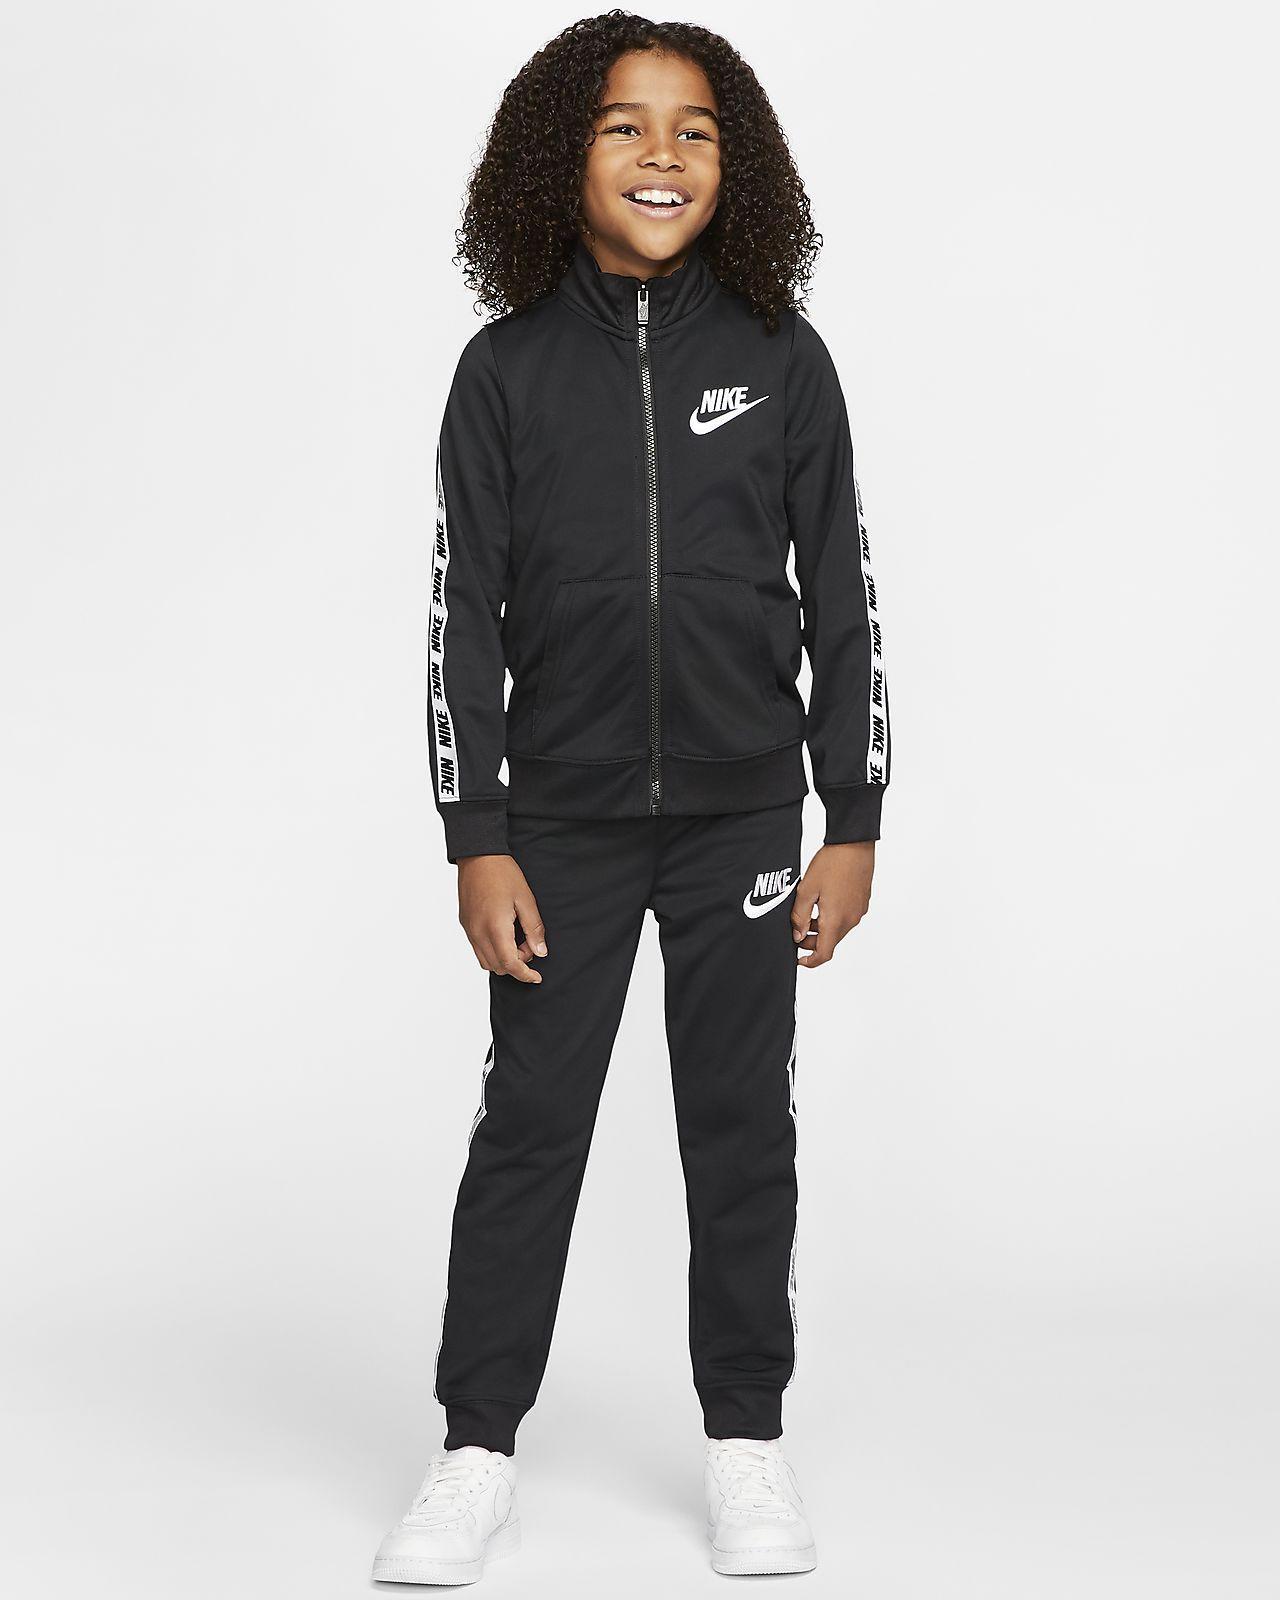 Nike Little Kids' 2-Piece Set